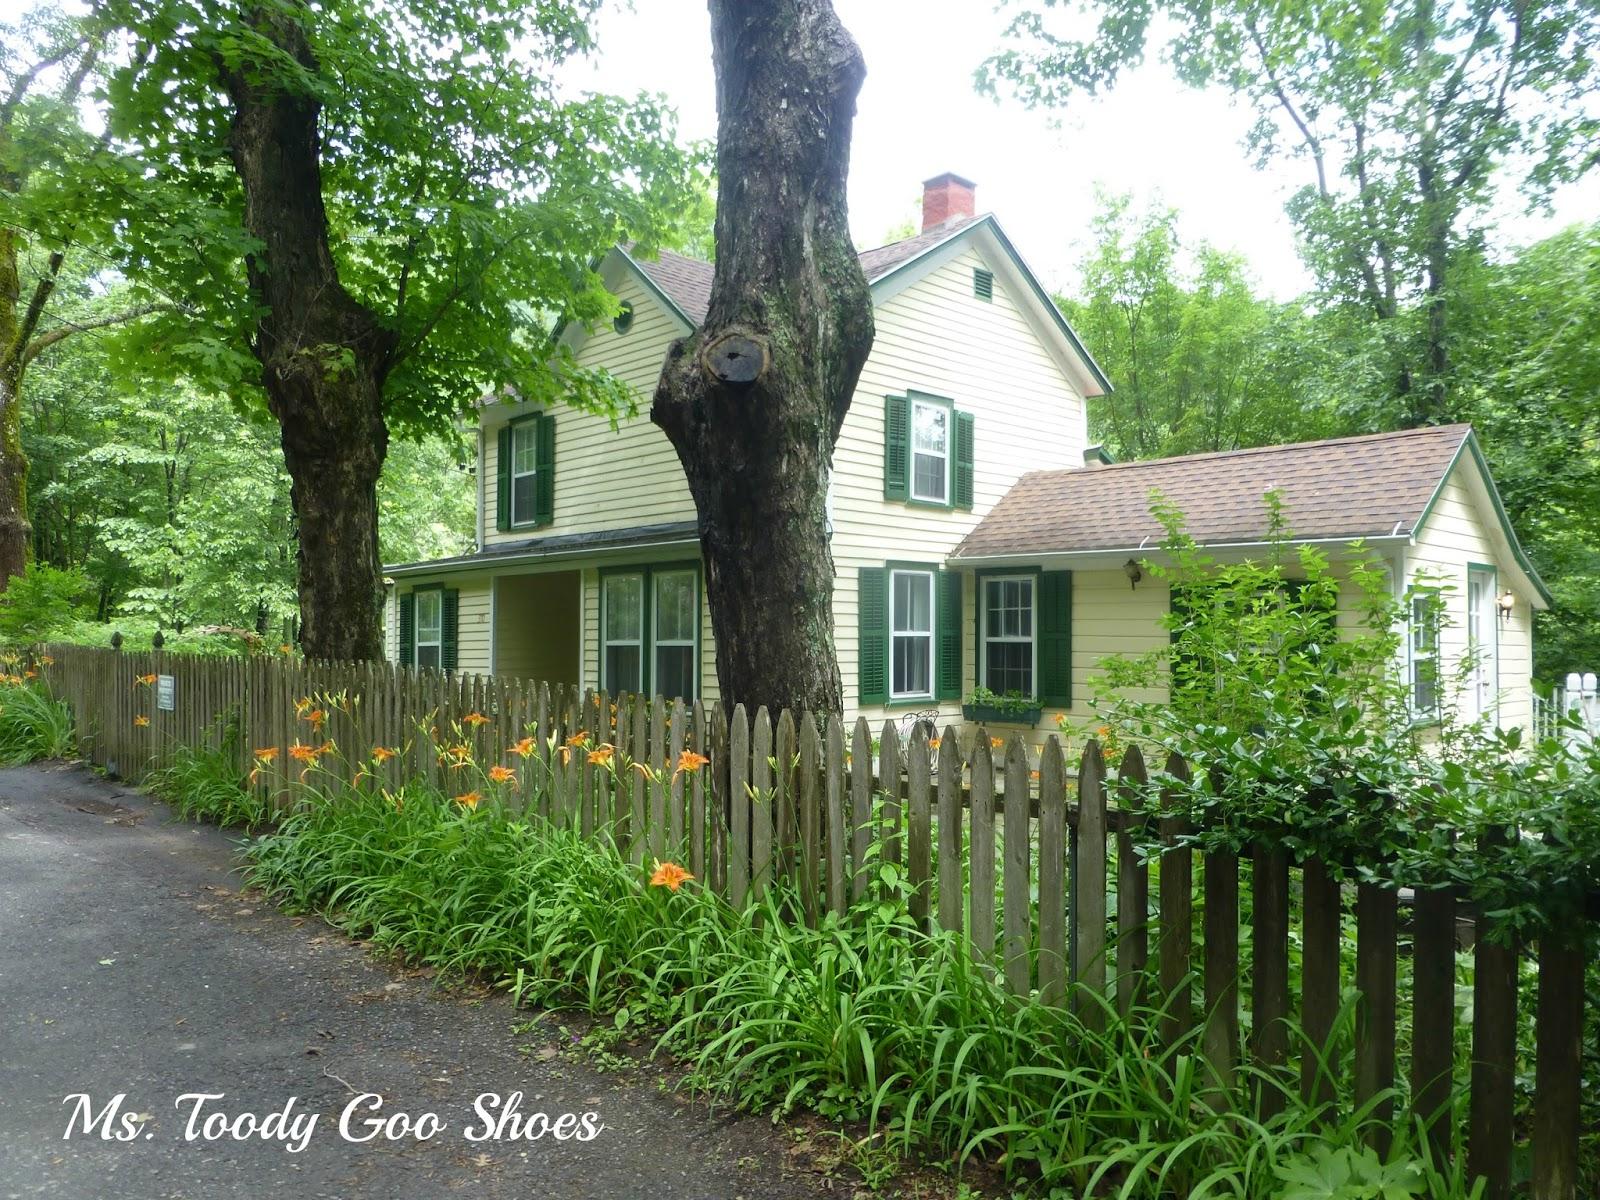 Woodstock, NY Catskill Mountains by Ms. Toody Goo Shoes